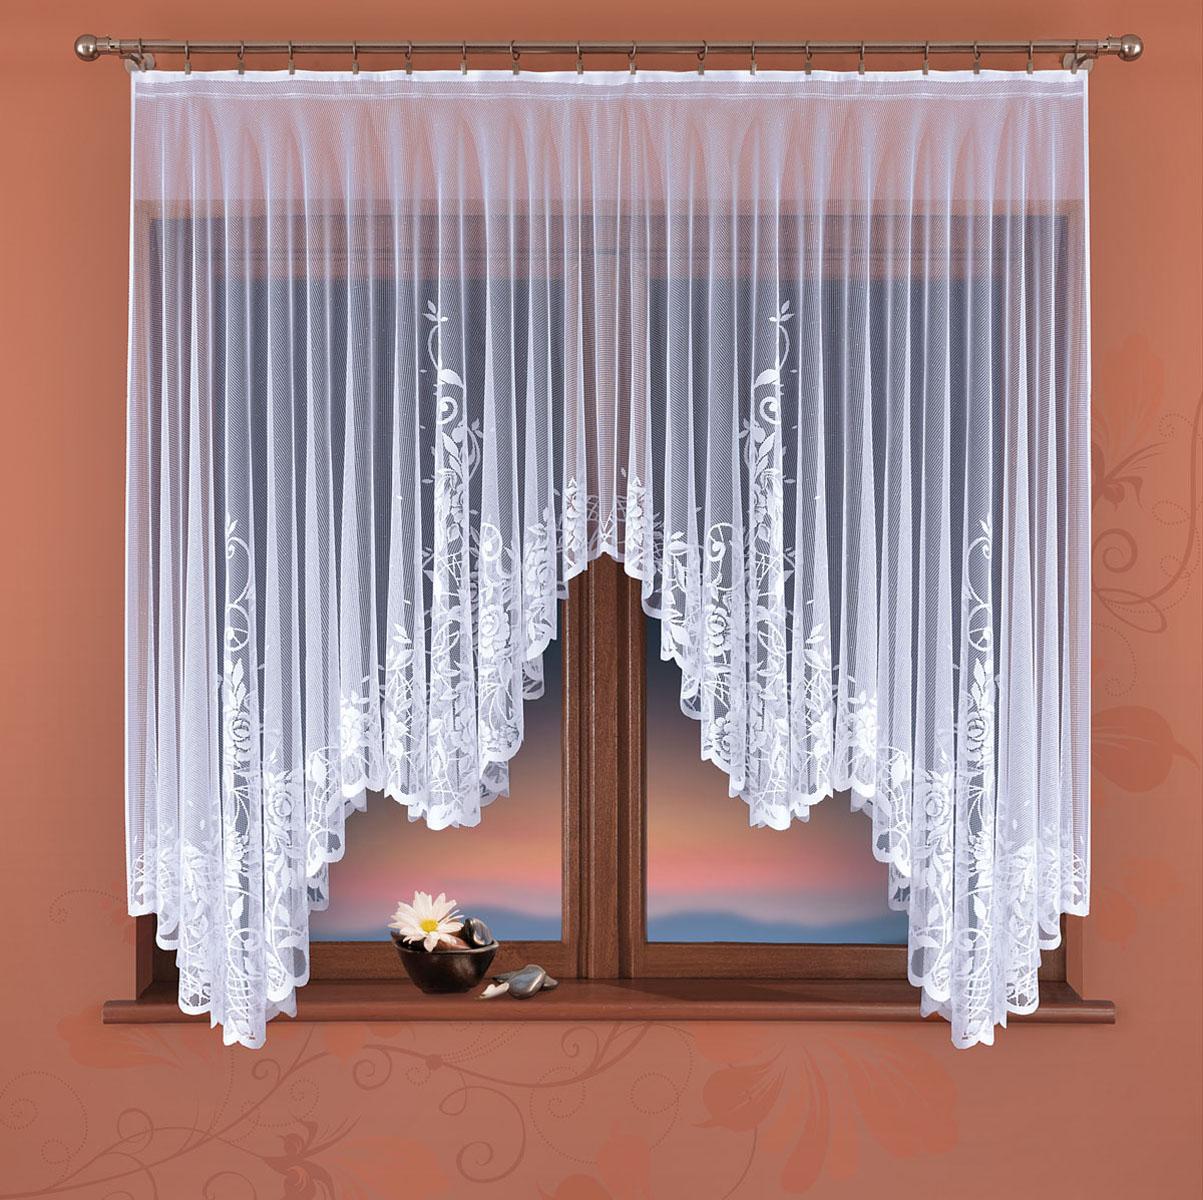 Гардина Wisan, цвет: белый, ширина 170 см, высота 160 см гардина wisan цвет коричневый золотистый ширина 150 см высота 250 см